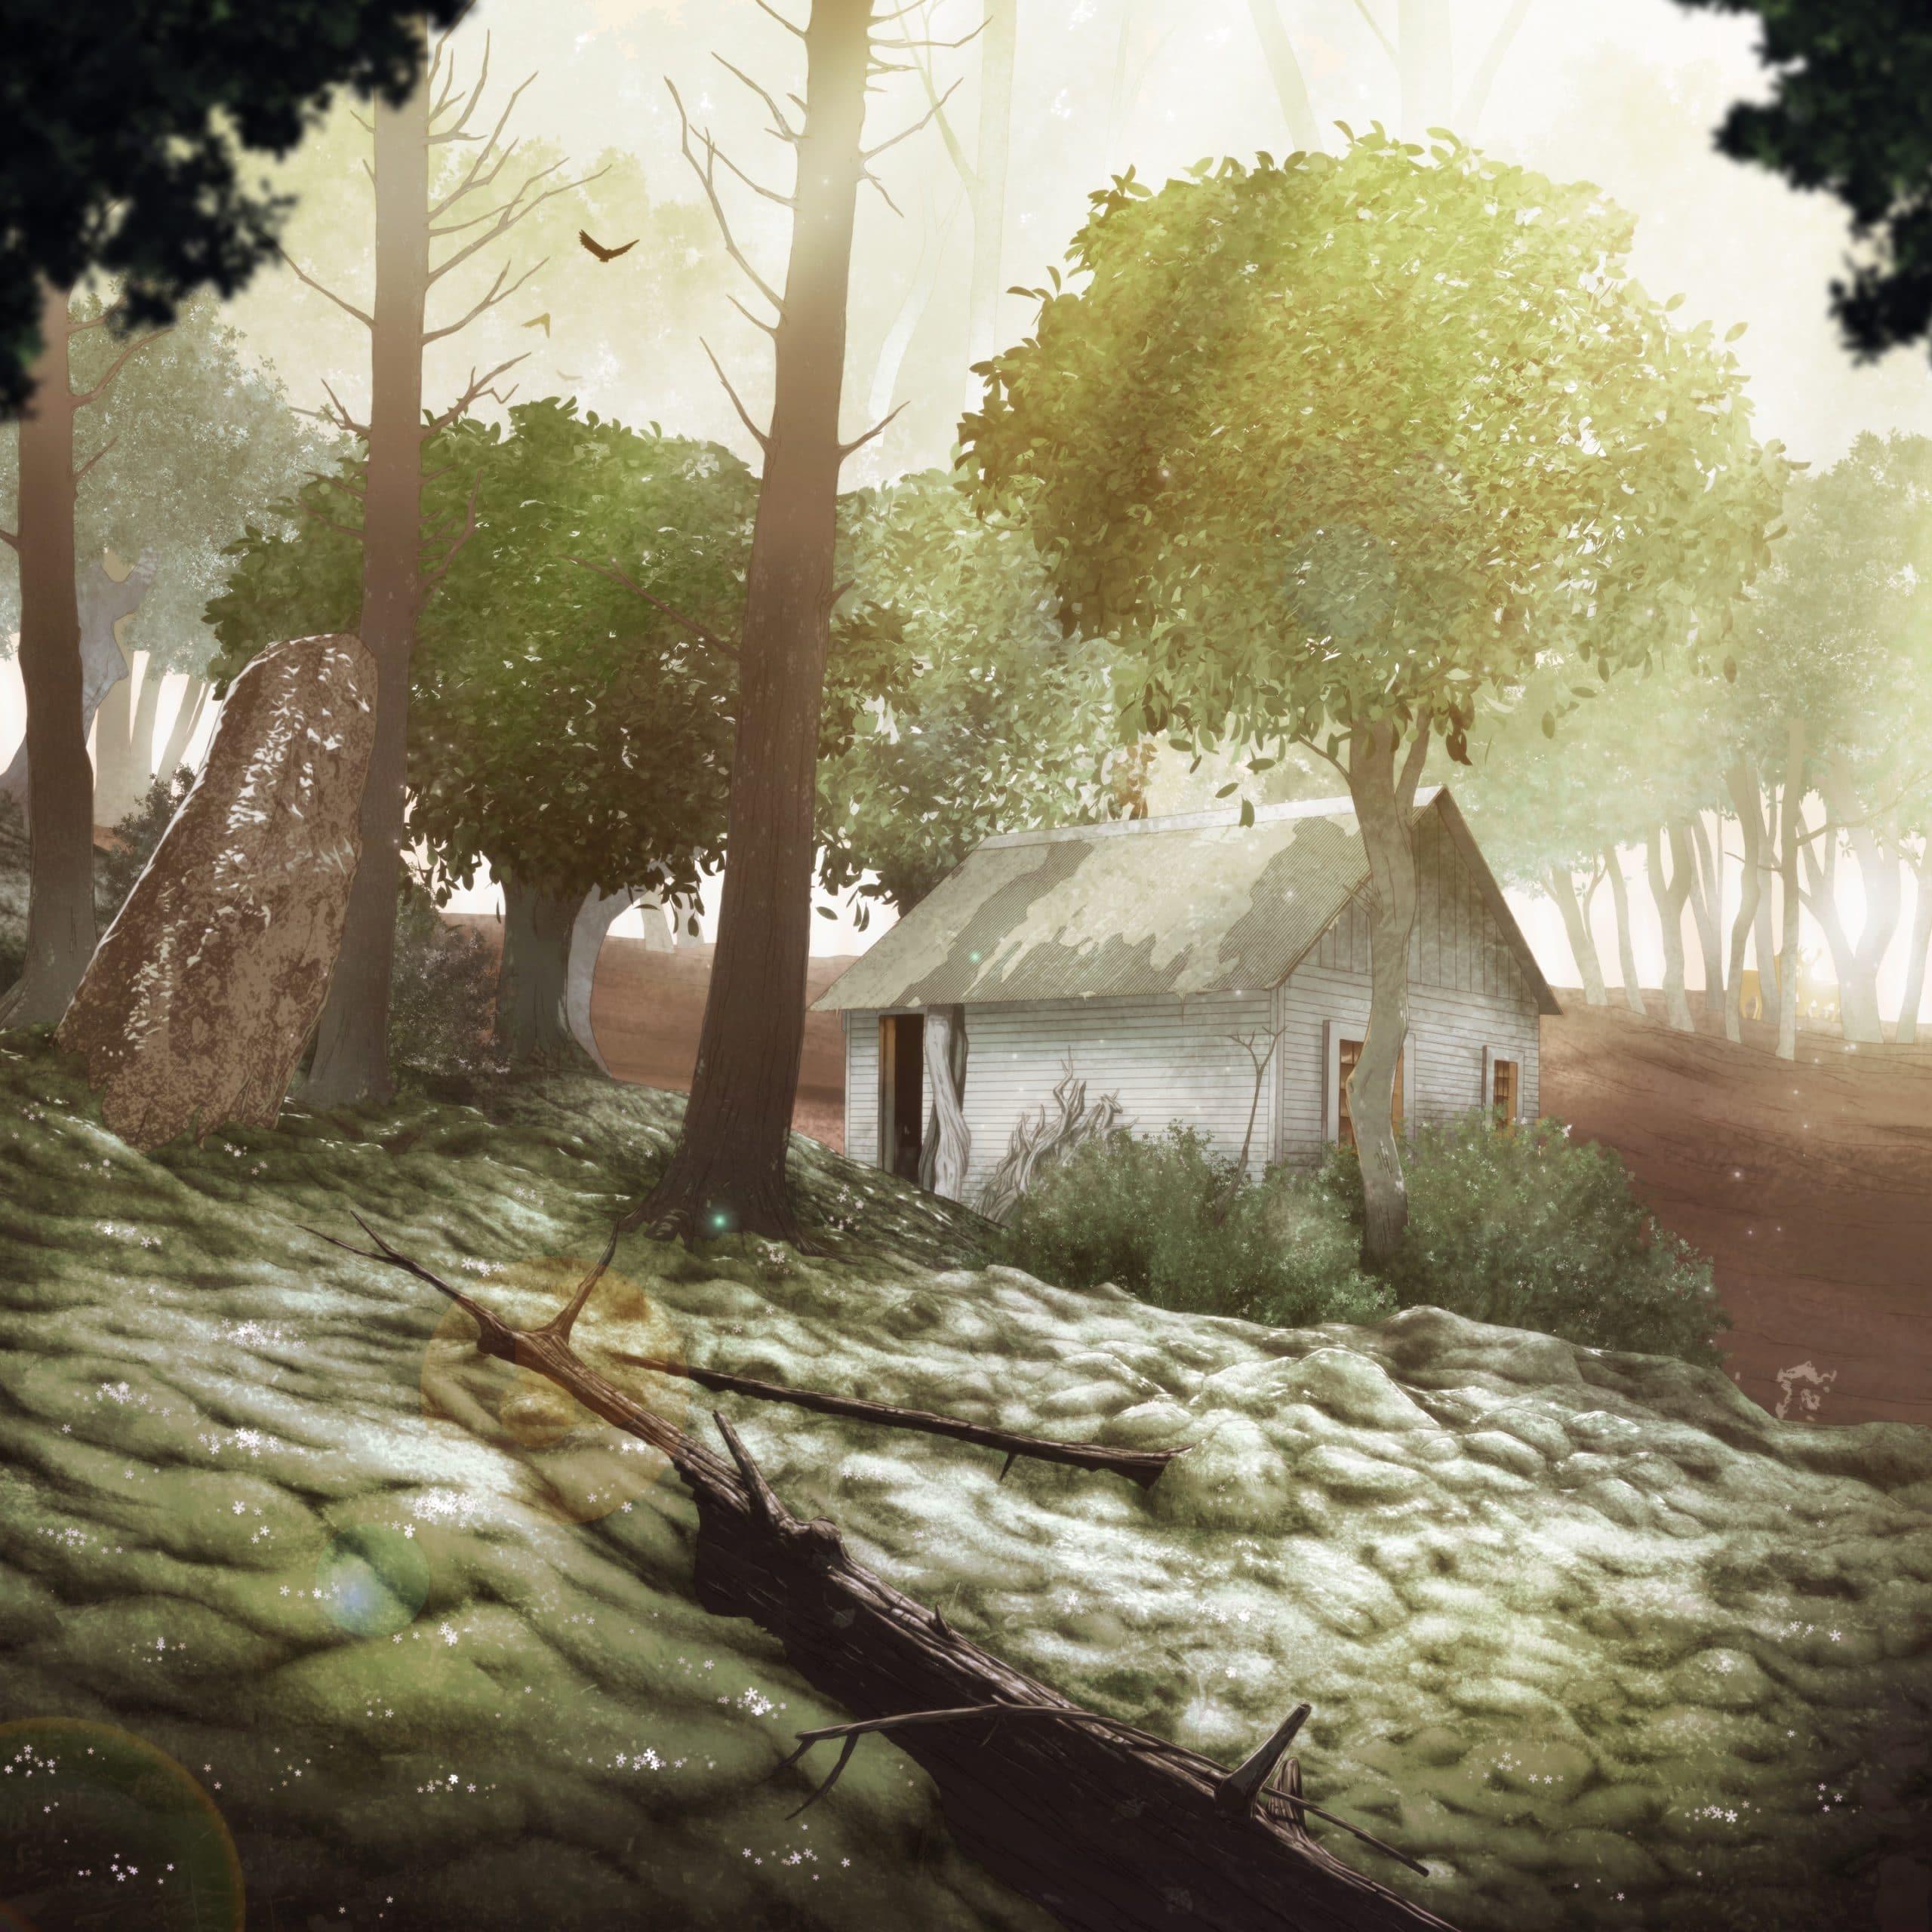 Drogo personnage de Is It Love et le décor de forêt